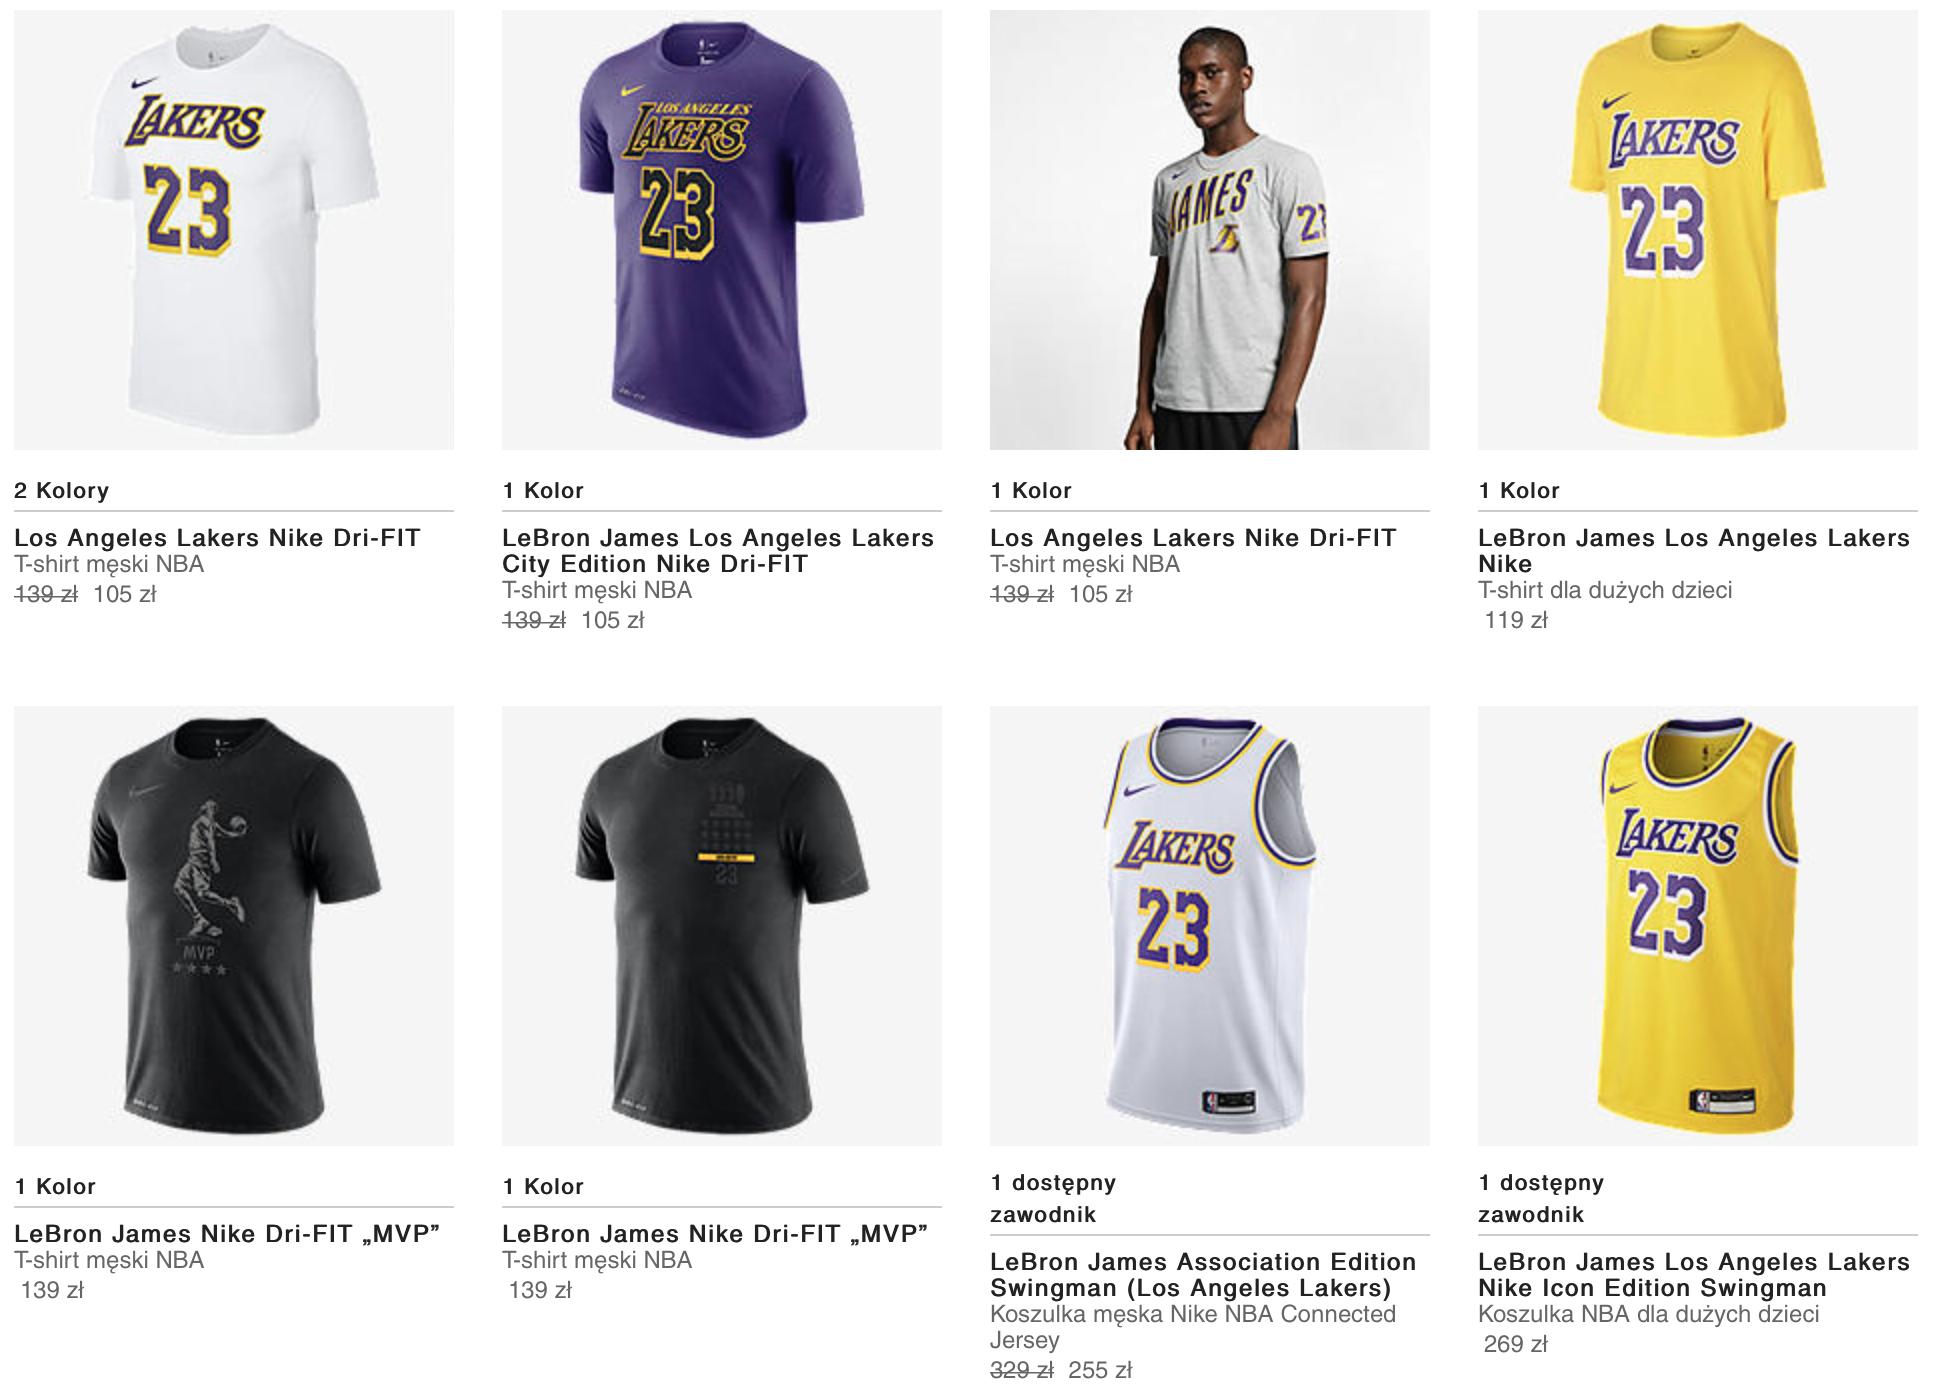 a1a77c17d Koszulki meczowe, t-shirty, spodenki oraz inne produkty NBA znajdziecie w  oficjalnym sklepie Nike – link: http://bit.ly/NBAnike